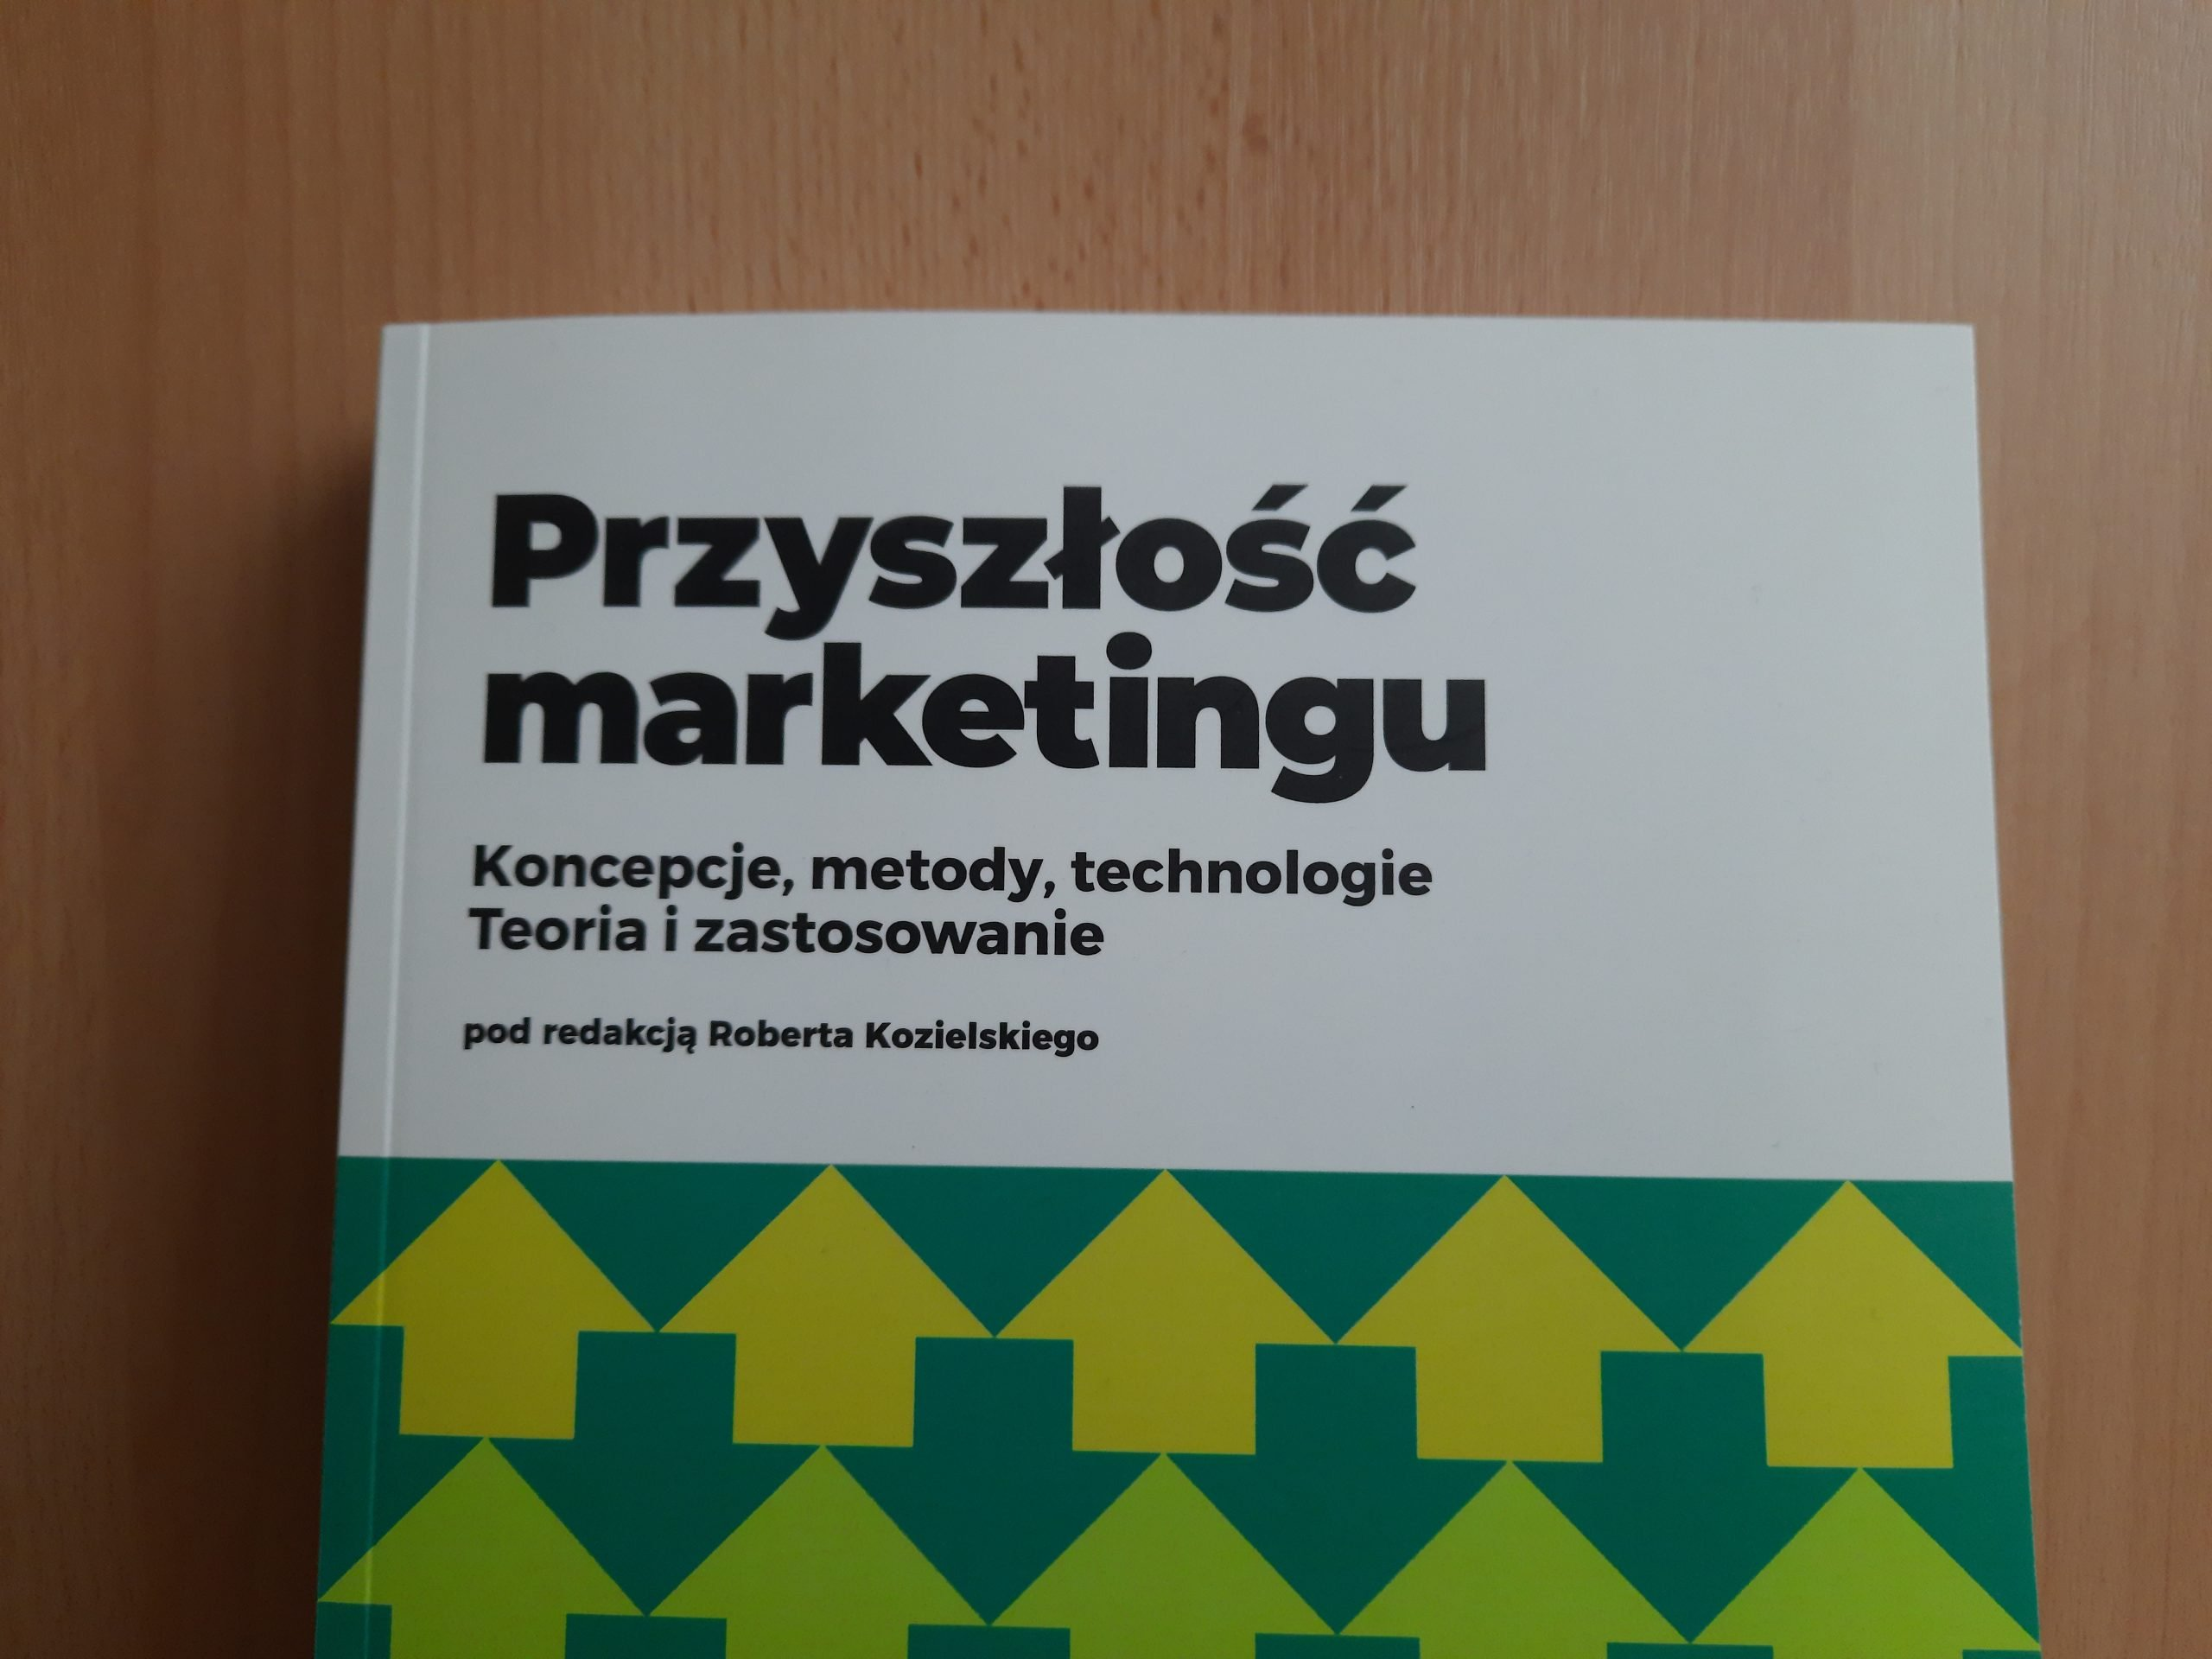 Jak będzie wyglądać przyszłość marketingu? Opowiadają naukowcy zUniwersytetu Łódzkiego [RECENZJA]